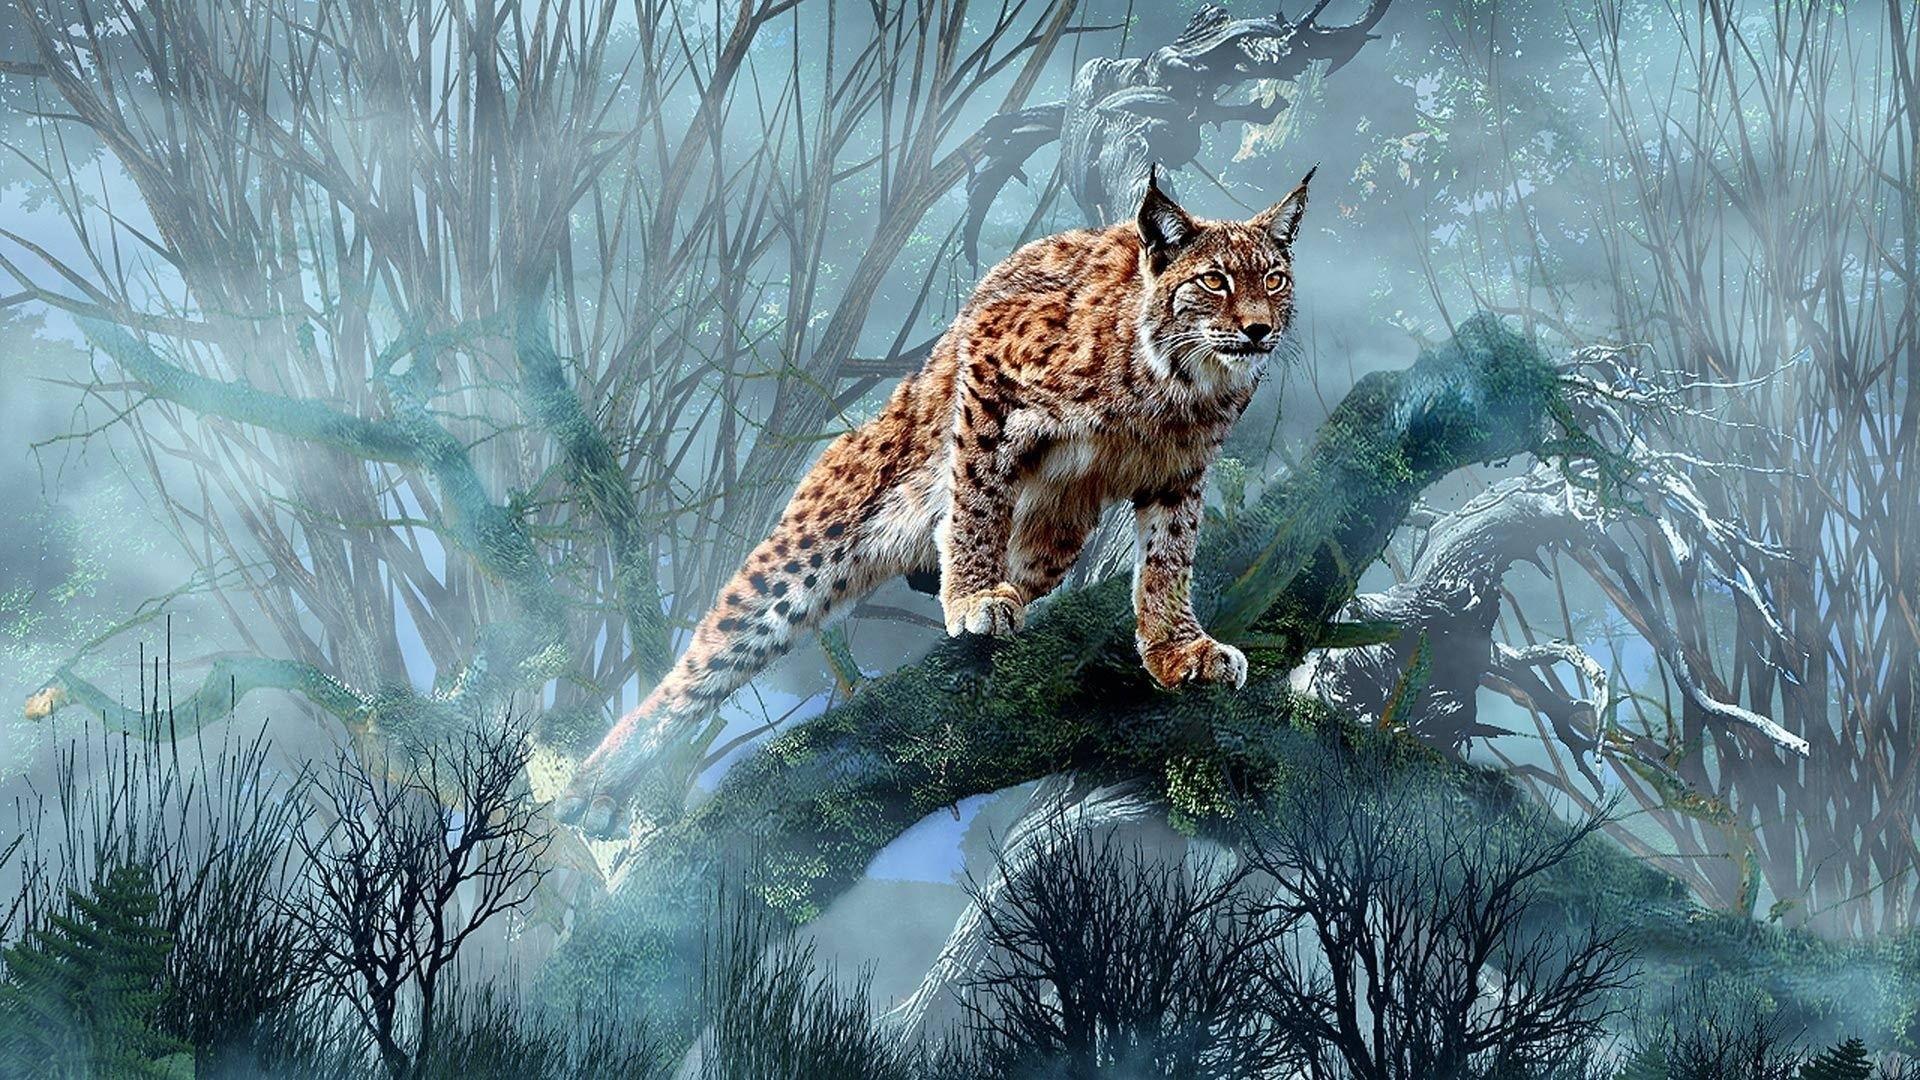 природа животные ветка деревья рысь nature animals branch trees lynx  № 559993 без смс